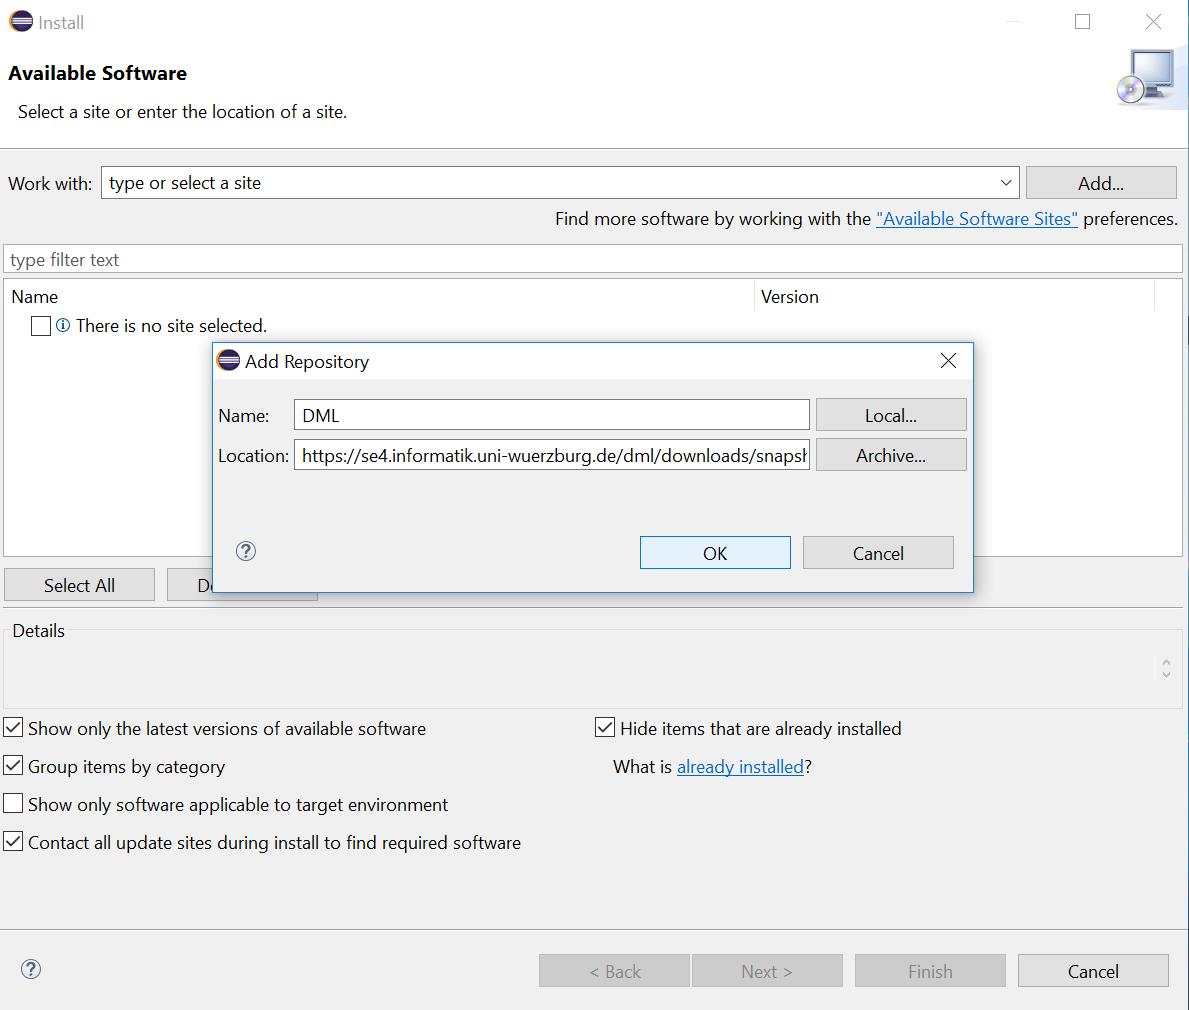 tools.descartes.dml.quickstart/figs/Screenshot(4).png